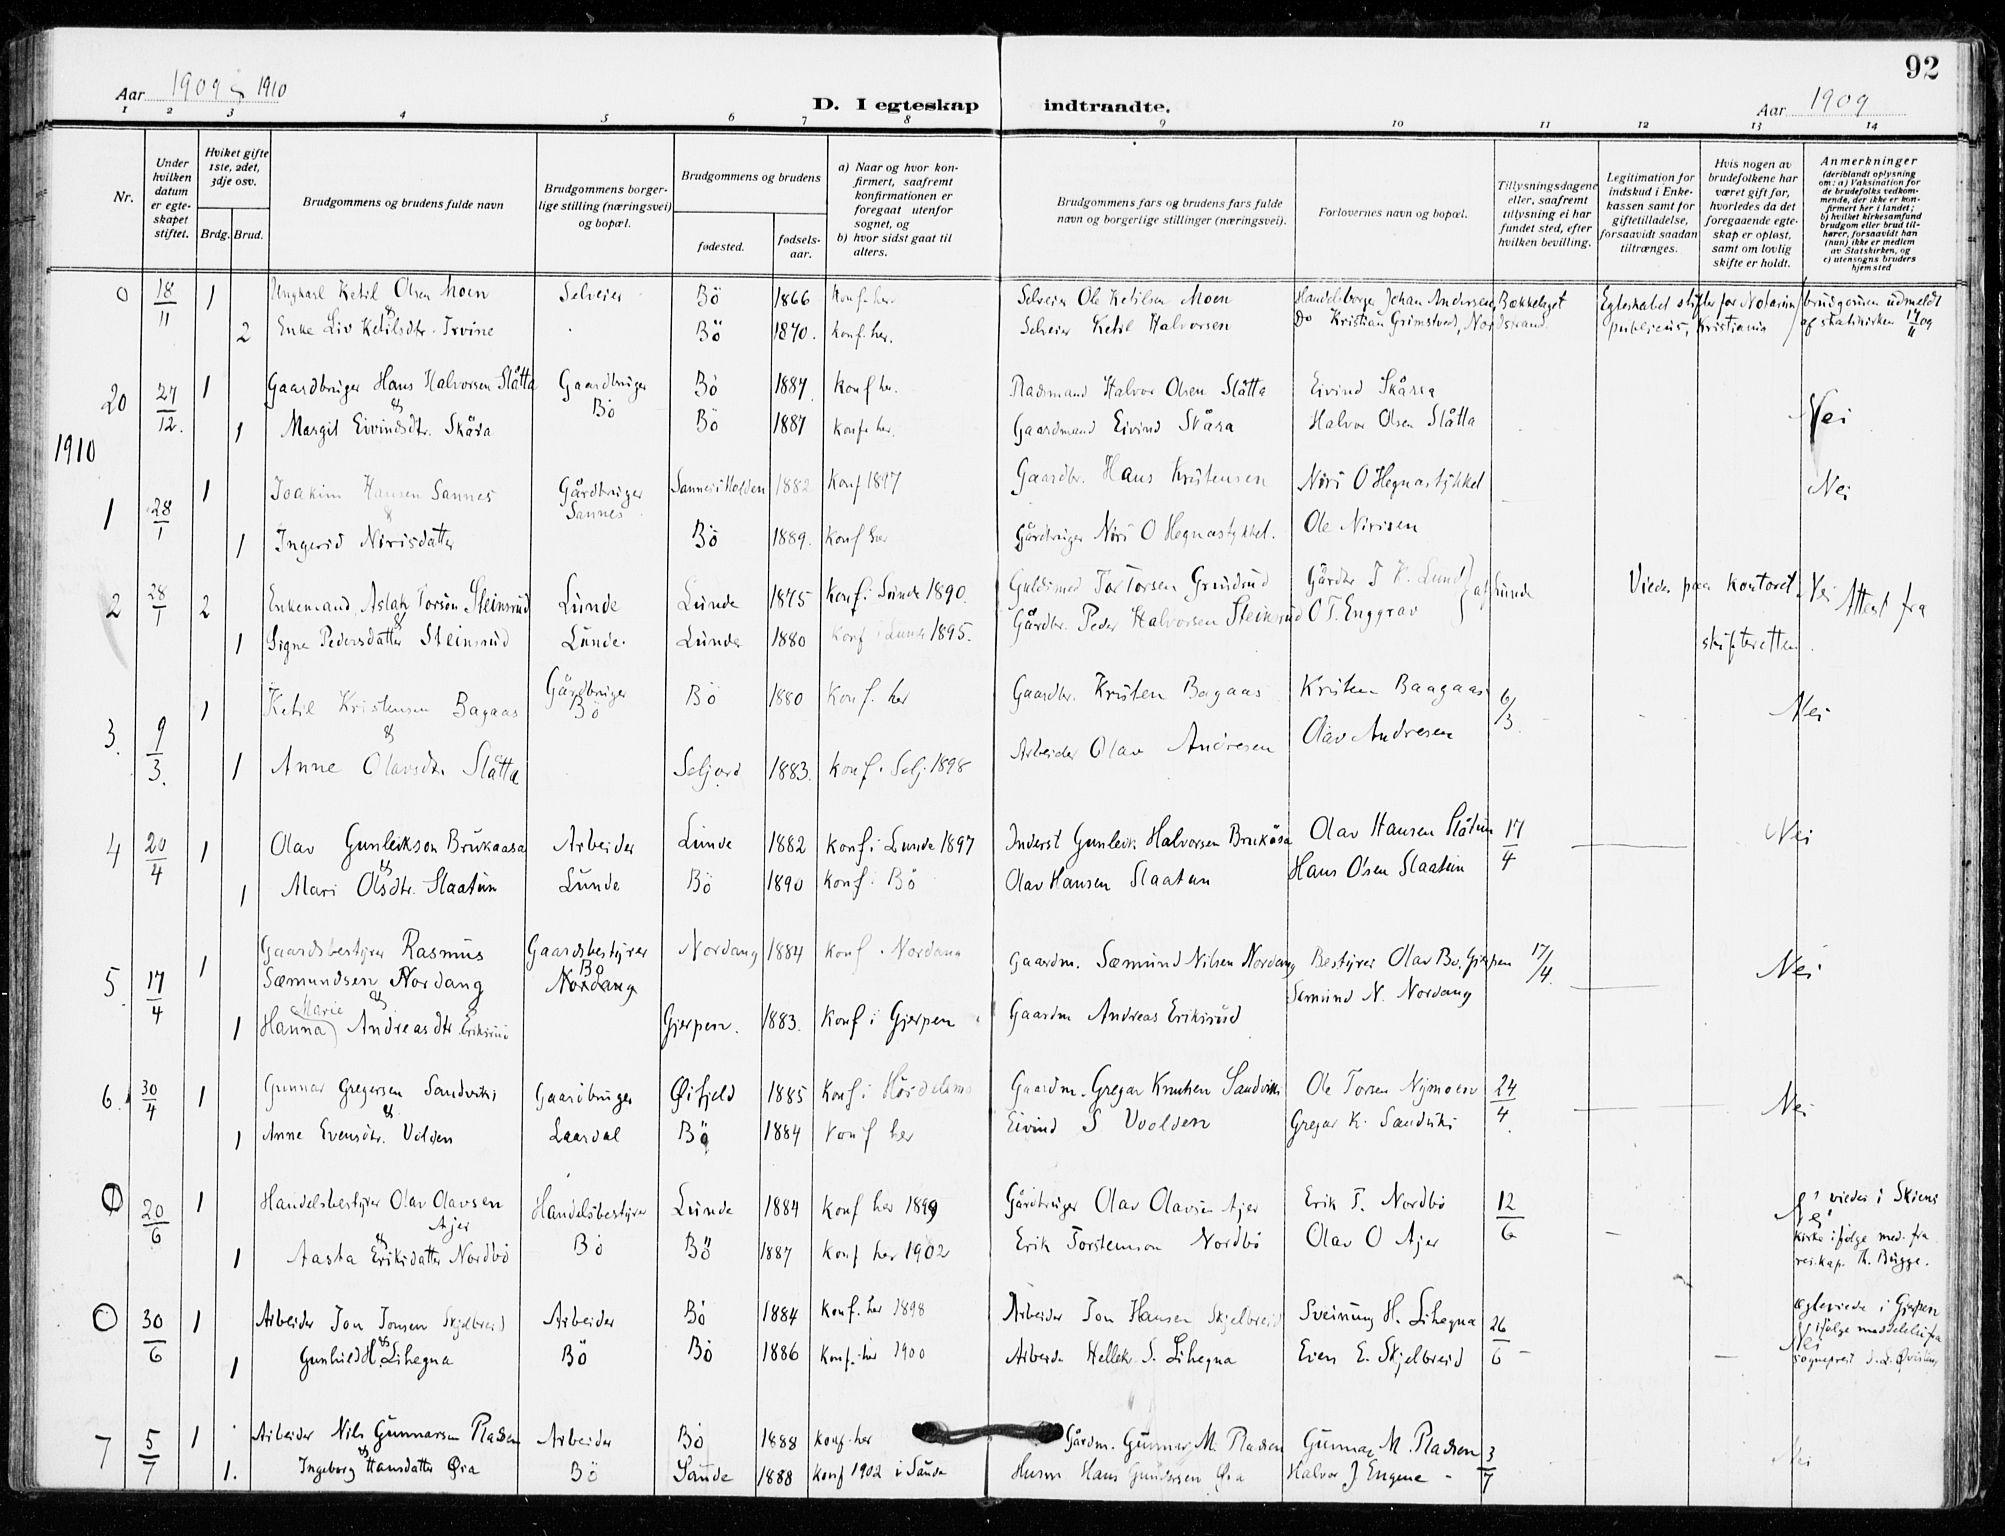 SAKO, Bø kirkebøker, F/Fa/L0013: Ministerialbok nr. 13, 1909-1921, s. 92